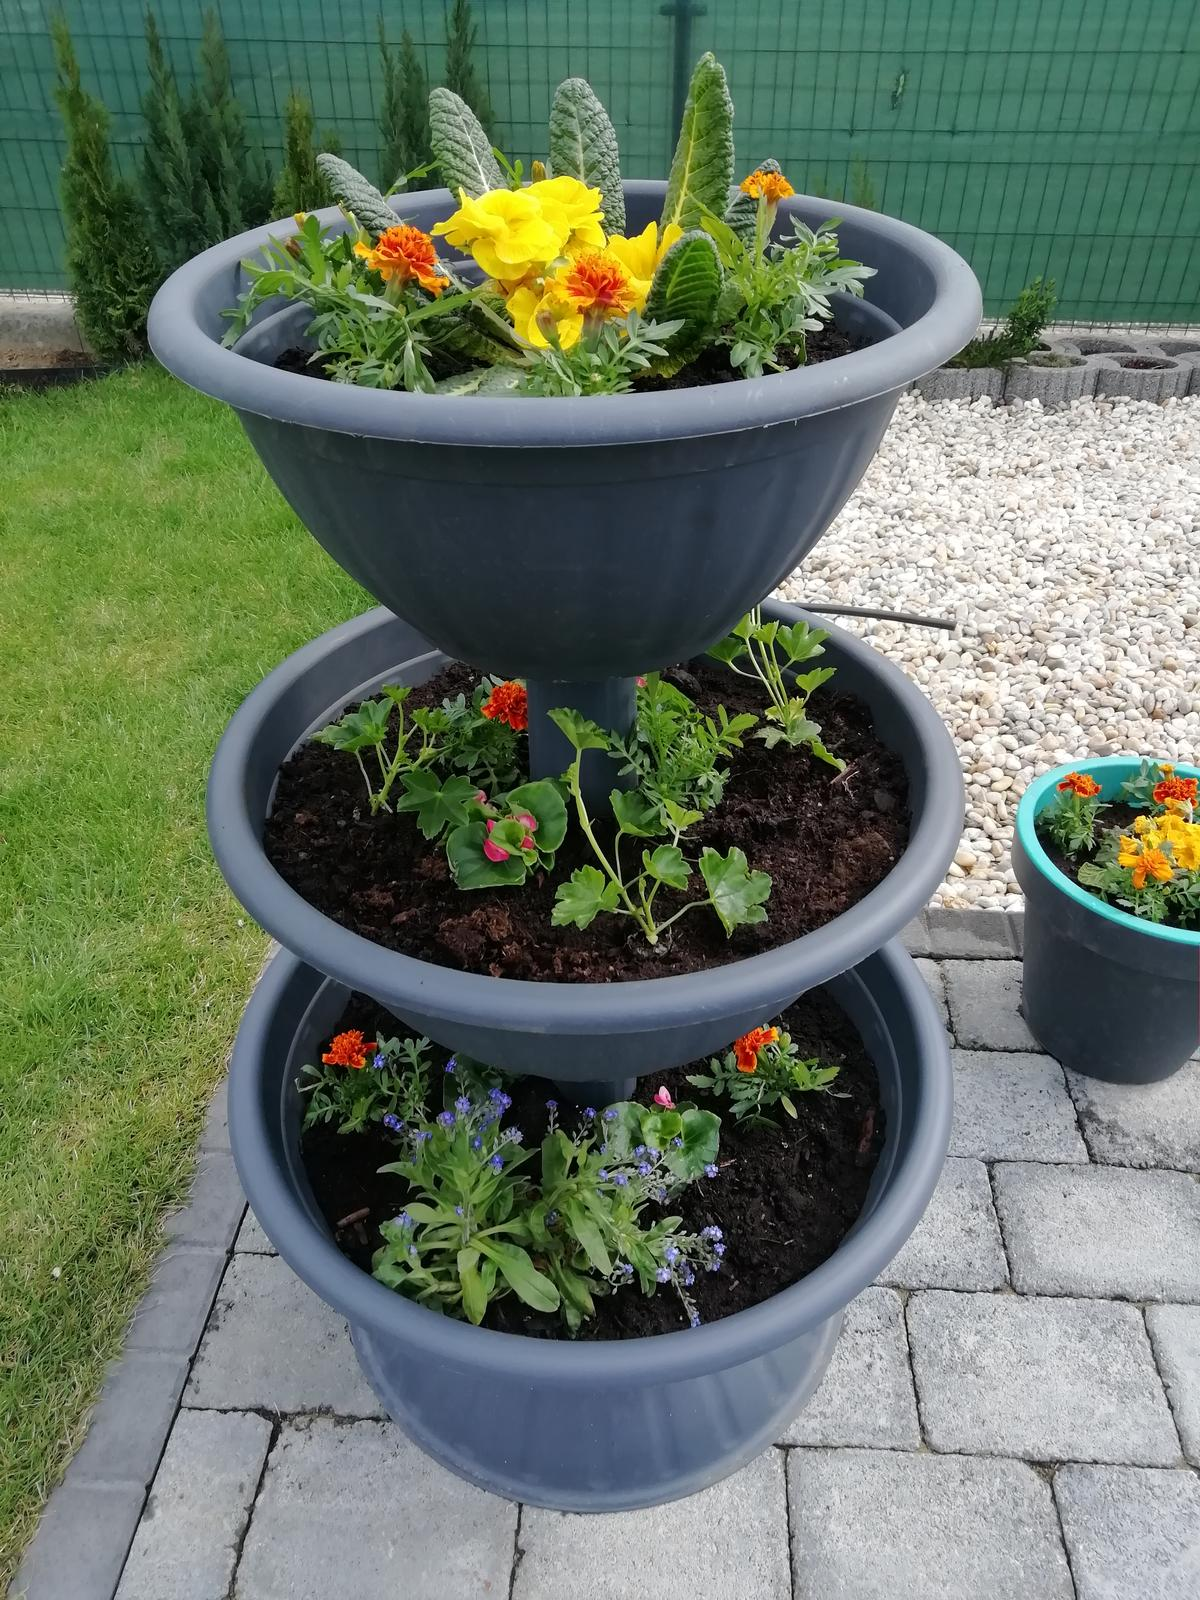 Záhradka 2019/20 bývame 4 a 5 rok :-) - Kvietky posadene 9.4.